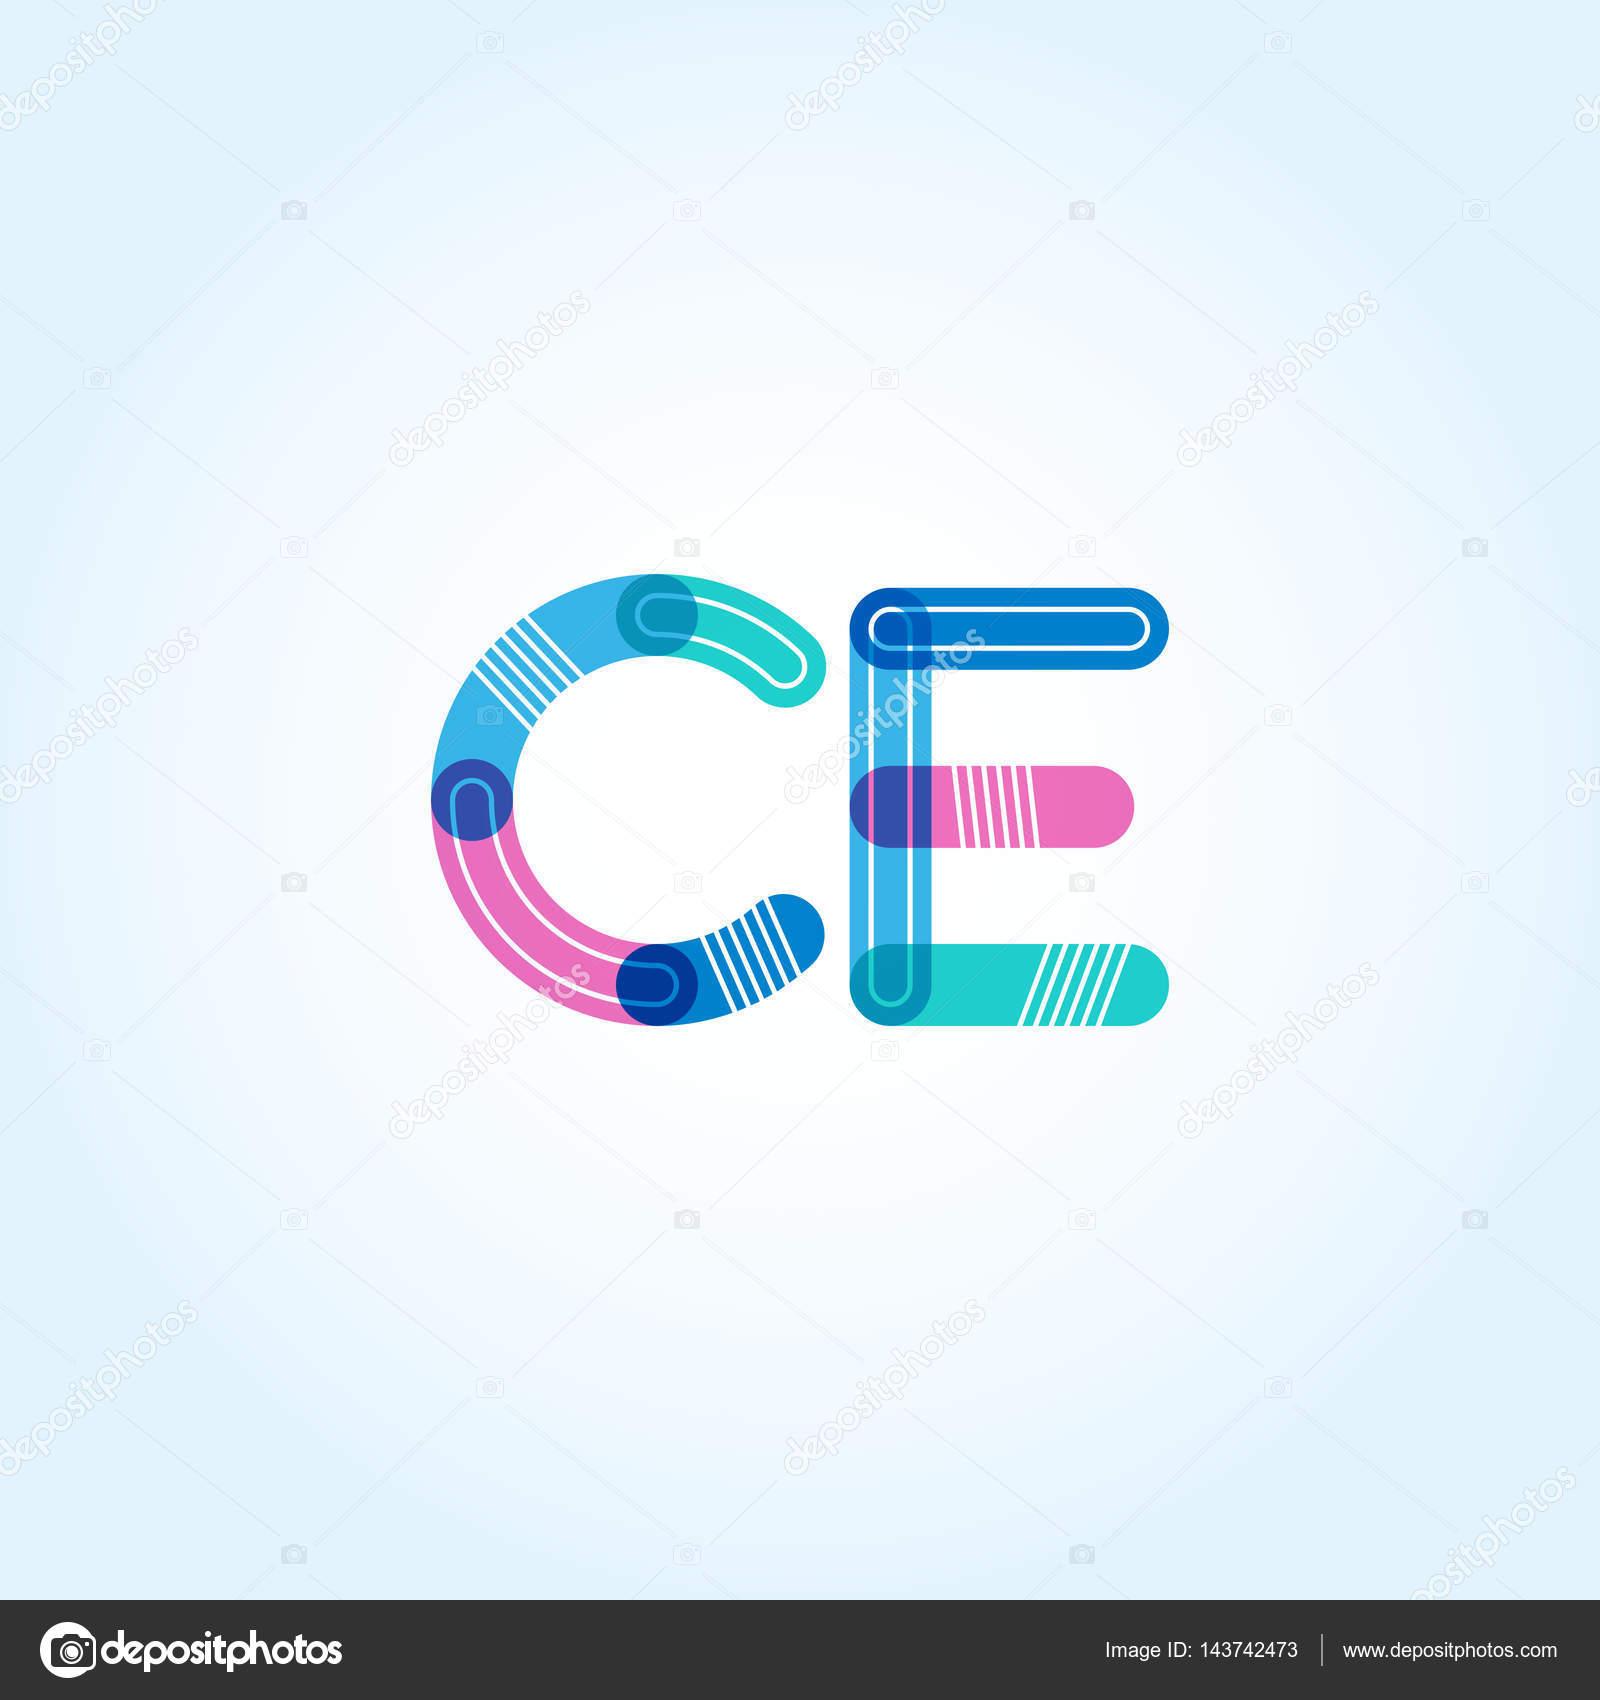 Ce logo free vector in adobe illustrator ai (. Ai ) vector.